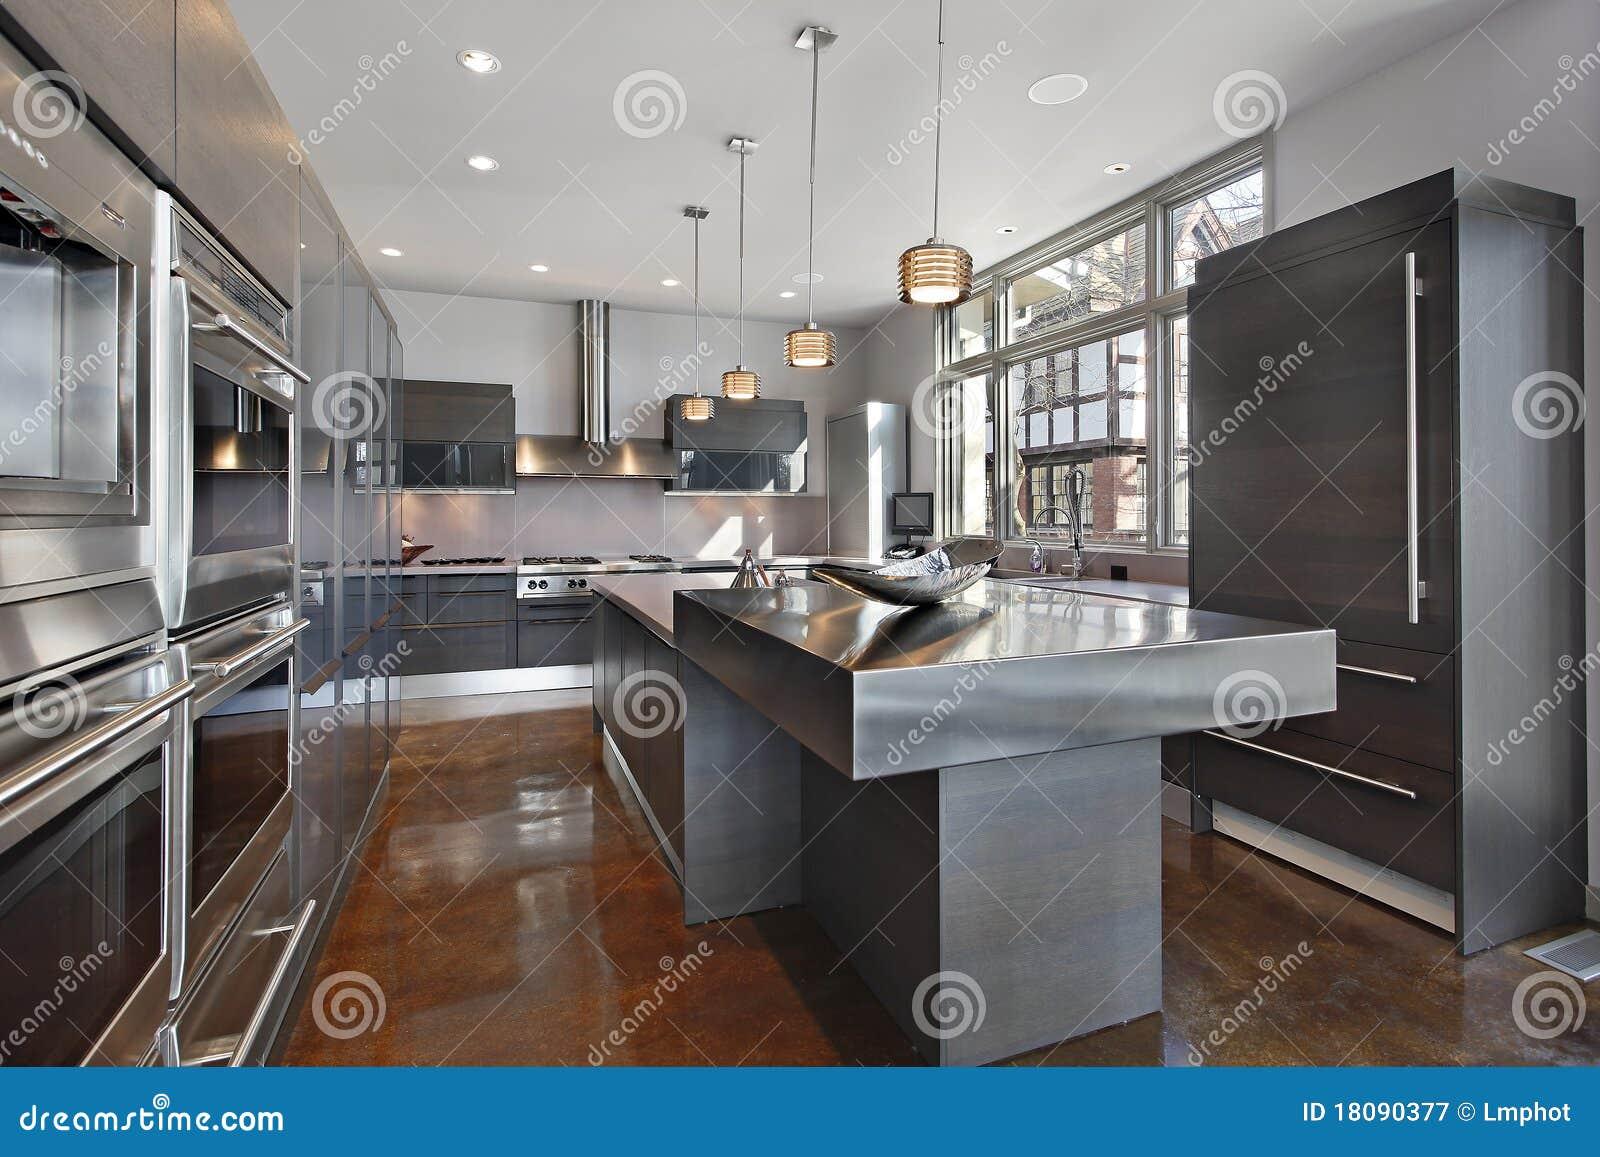 Cucina Ultra Moderna.Cucina Ultra Moderna Immagine Stock Immagine Di Dimora